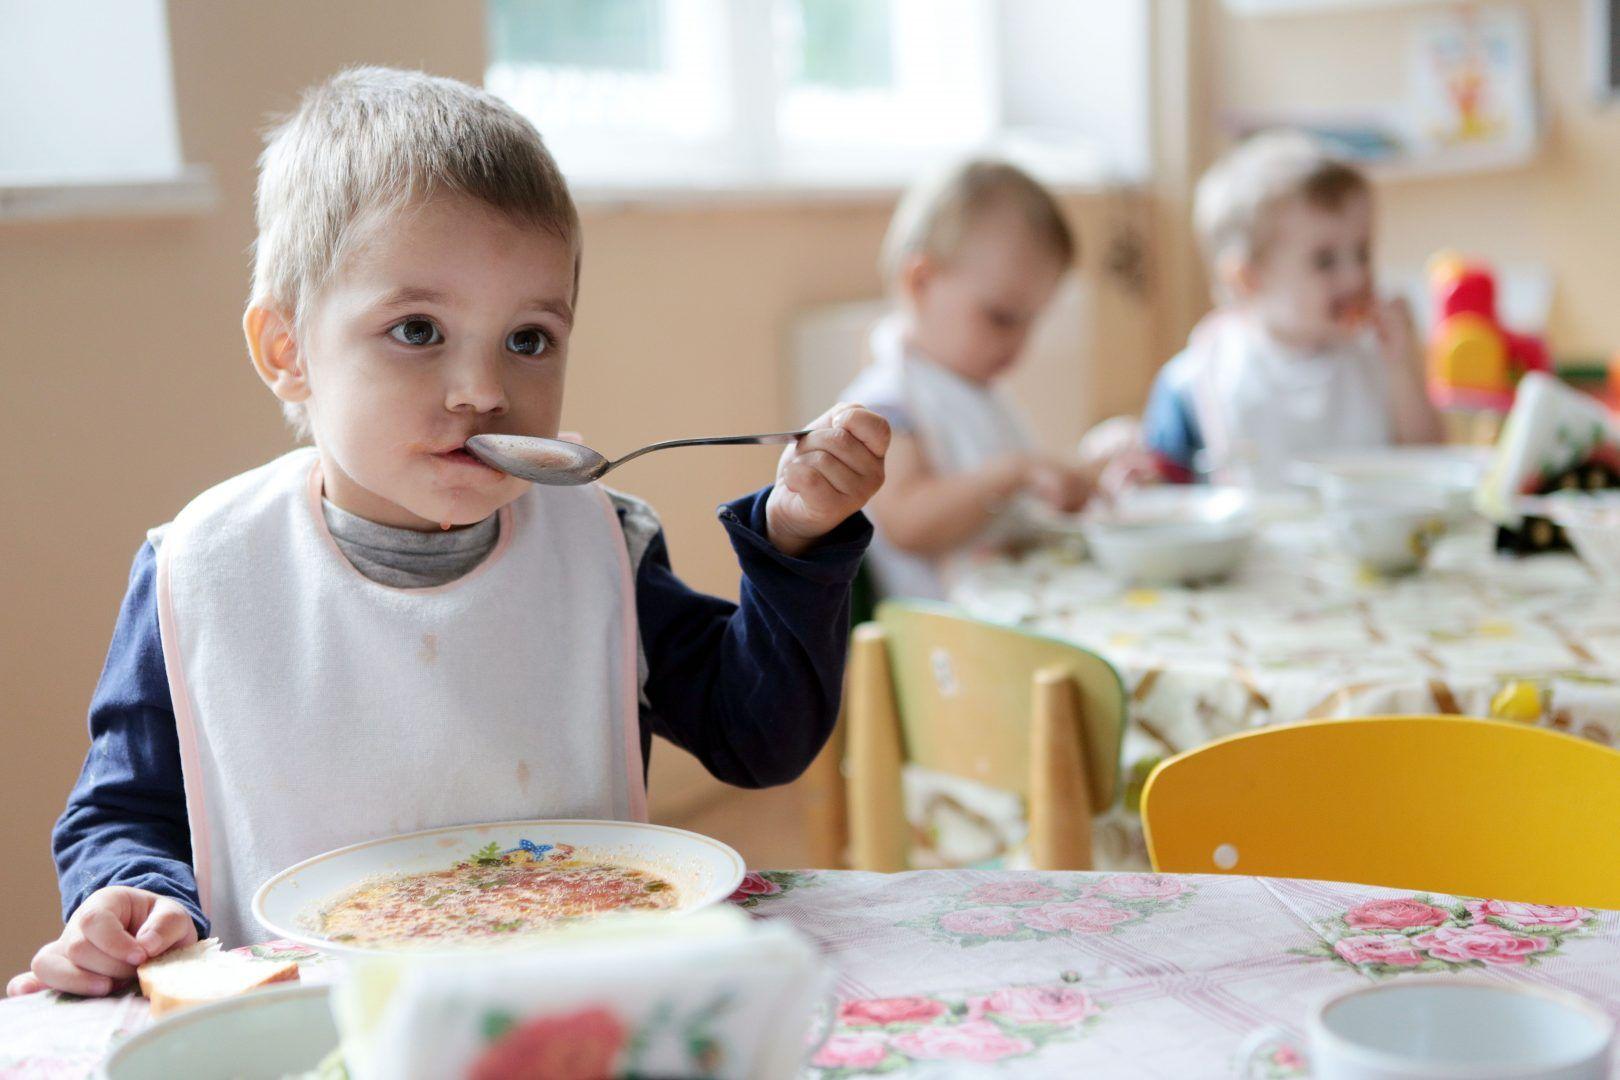 Проект дошкольного учреждения рассчитали на 300 мест. Фото: Анна Иванцова, «Вечерняя Москва»